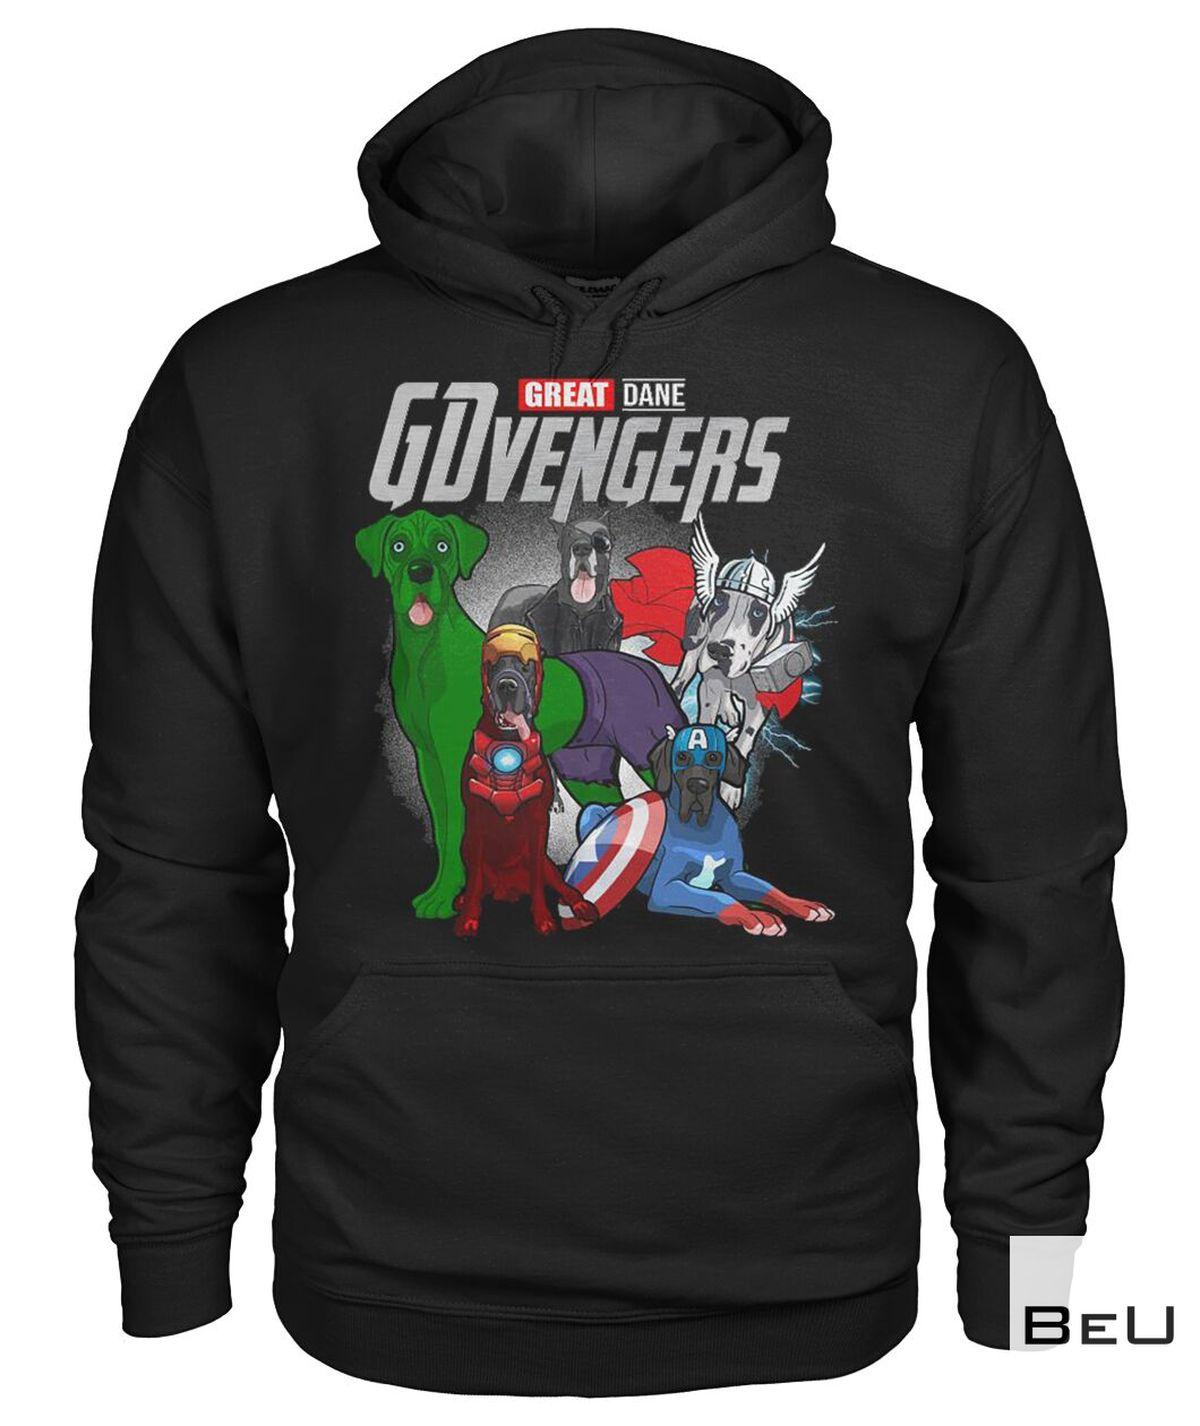 Great Dane GDvengers Avengers Shirtz